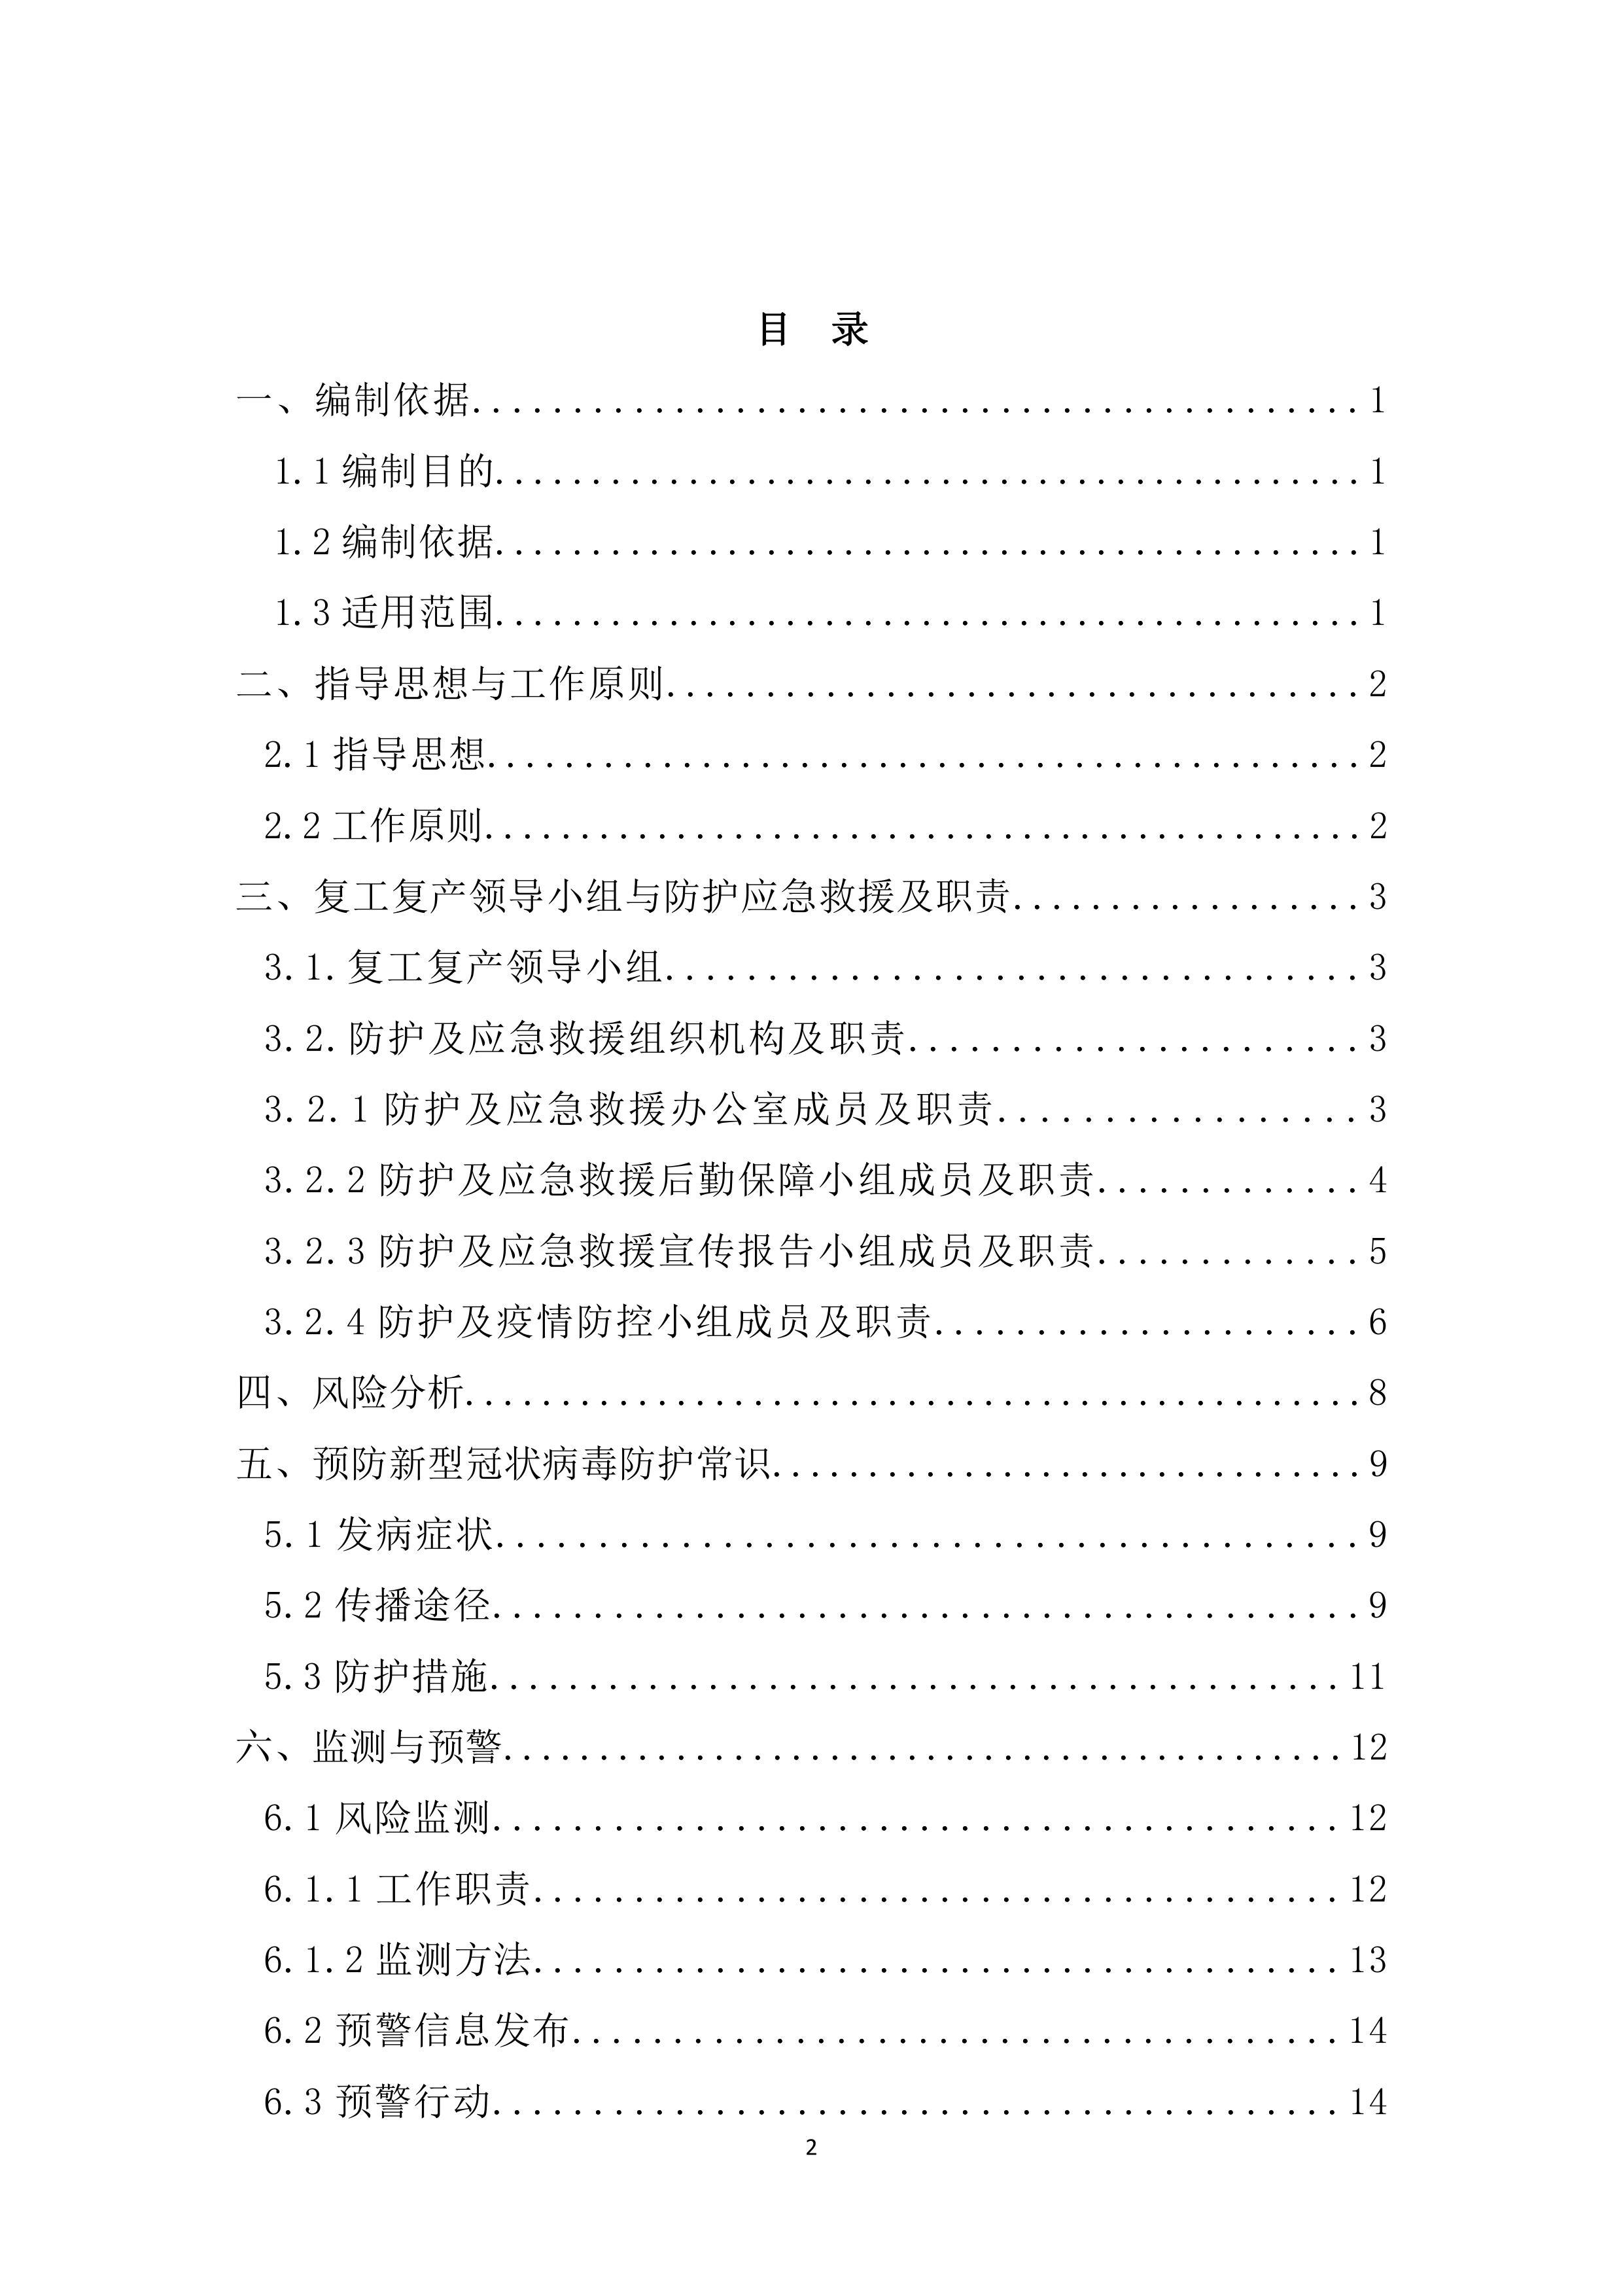 第2頁.jpg